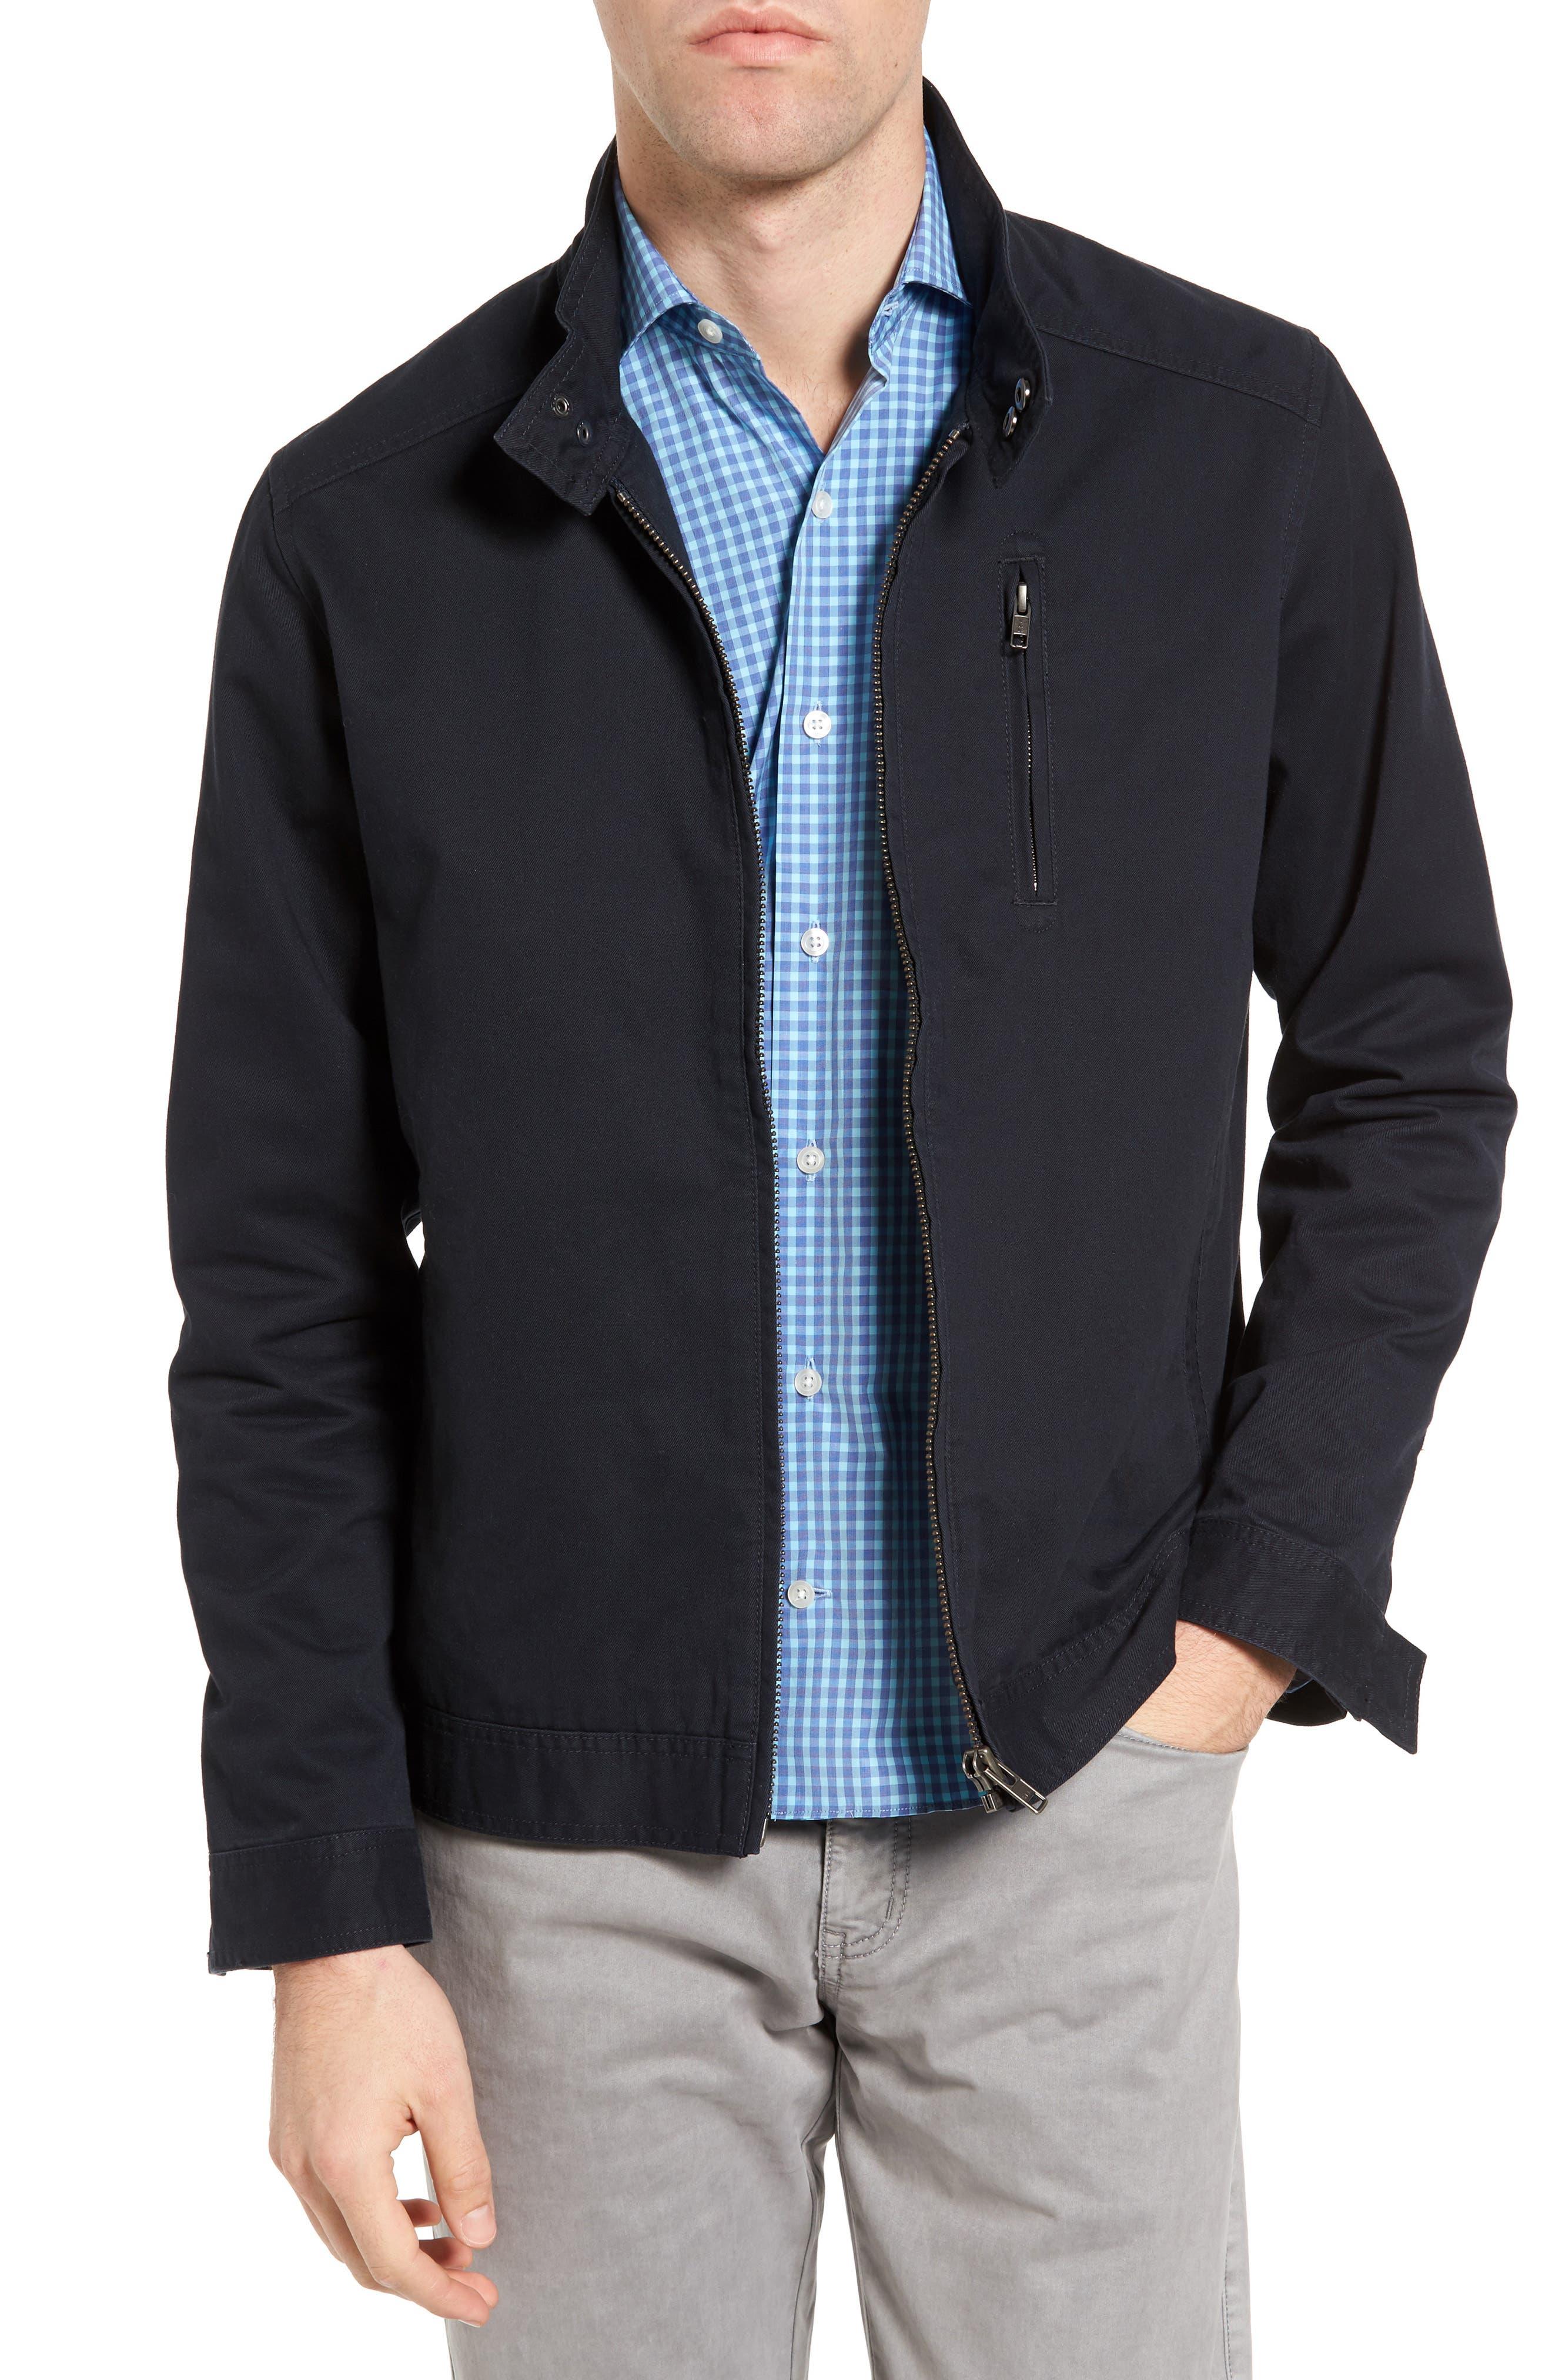 RODD & GUNN Armitage Harrington Jacket